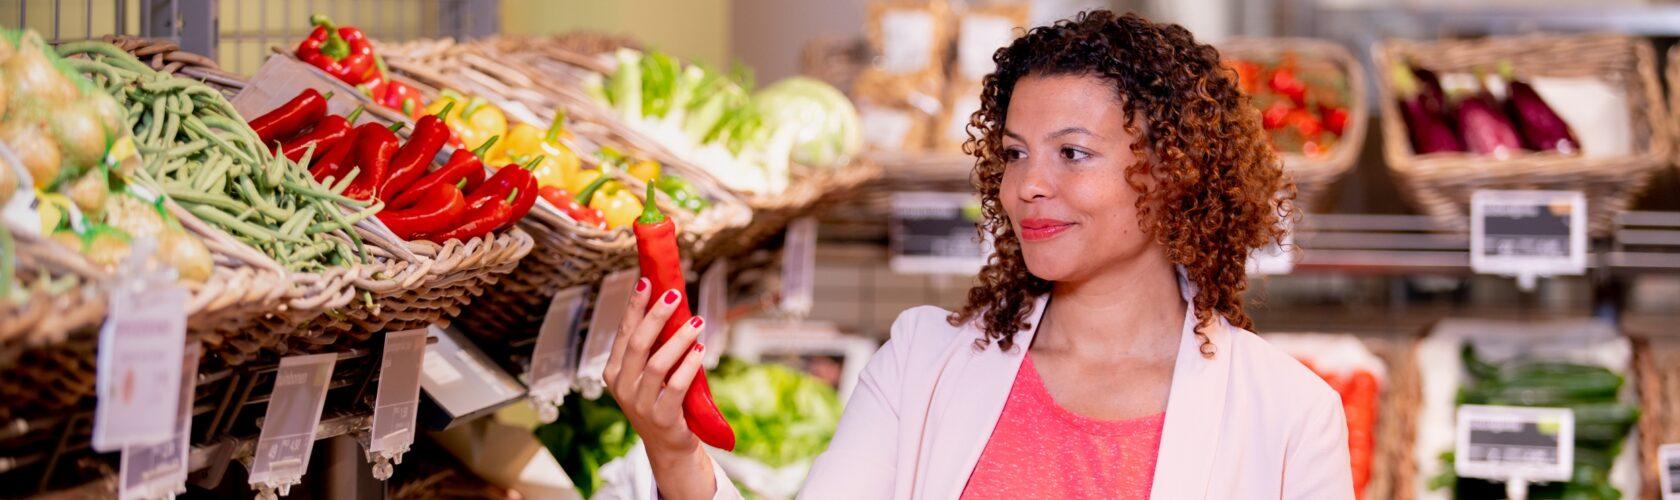 beeld vrouw bekijkt paprika